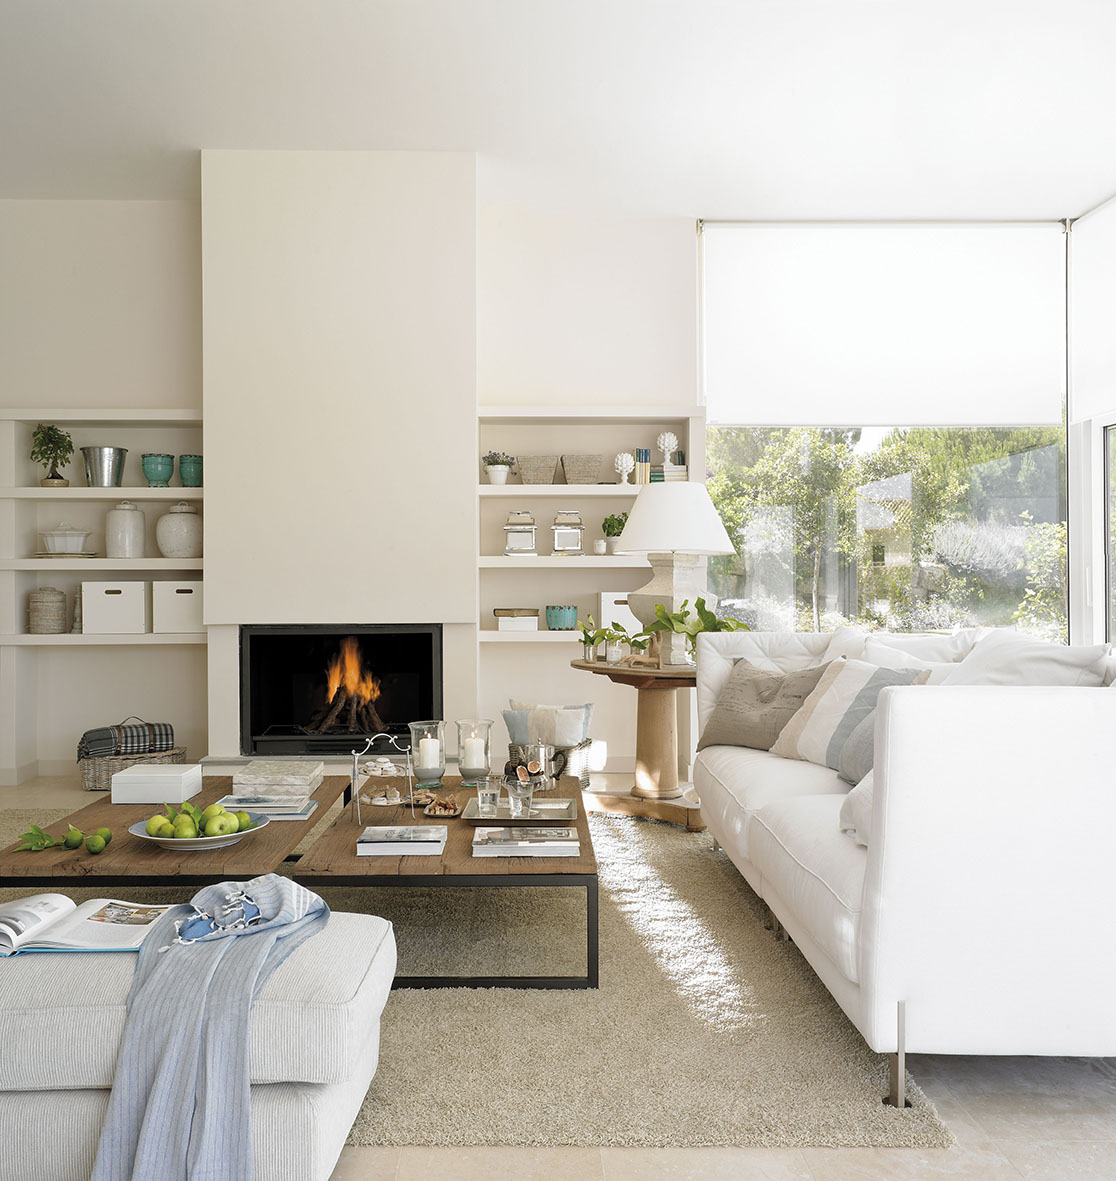 Una decoraci n blanca y transparente - Fotos de salones de casas ...